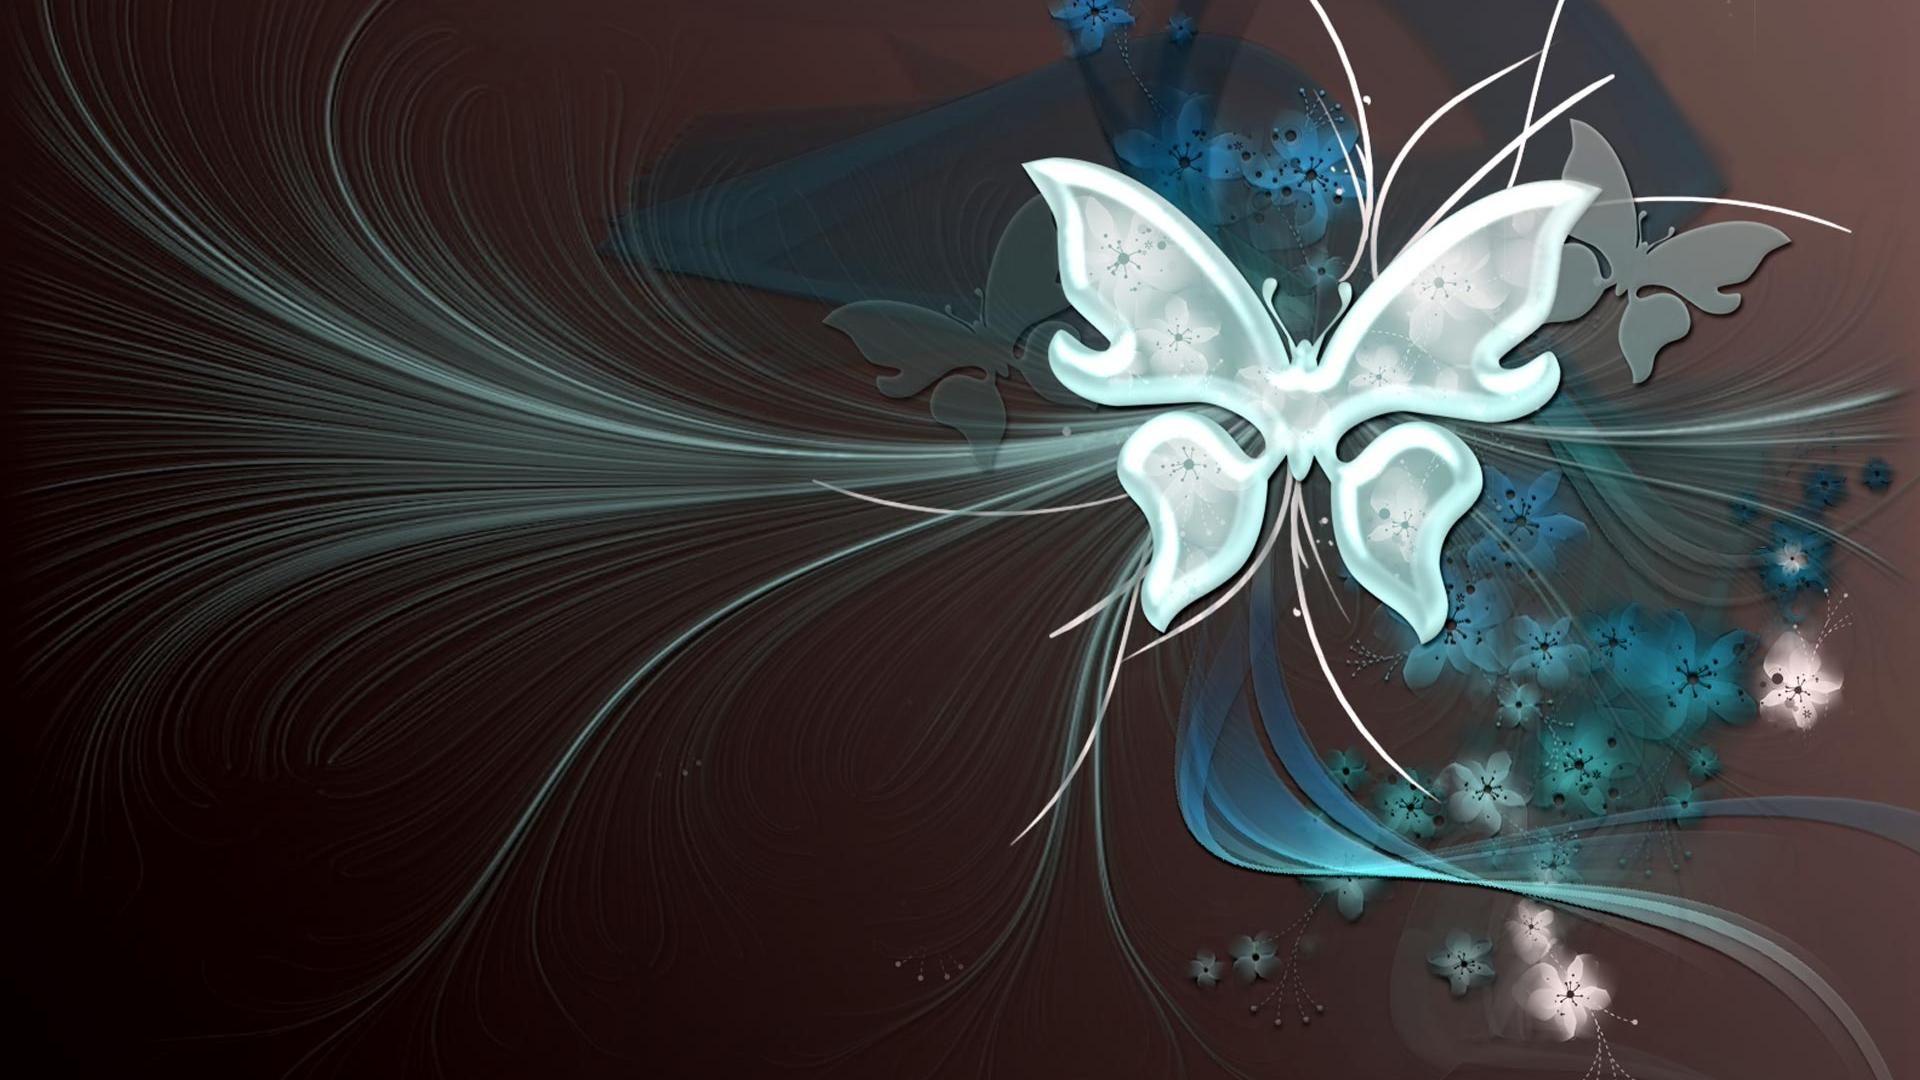 Cool Artistic Butterflies Butterfly Vector Art Background Hd Wallpapers Butterfly Wallpaper Background Hd Wallpaper Laptop Wallpaper